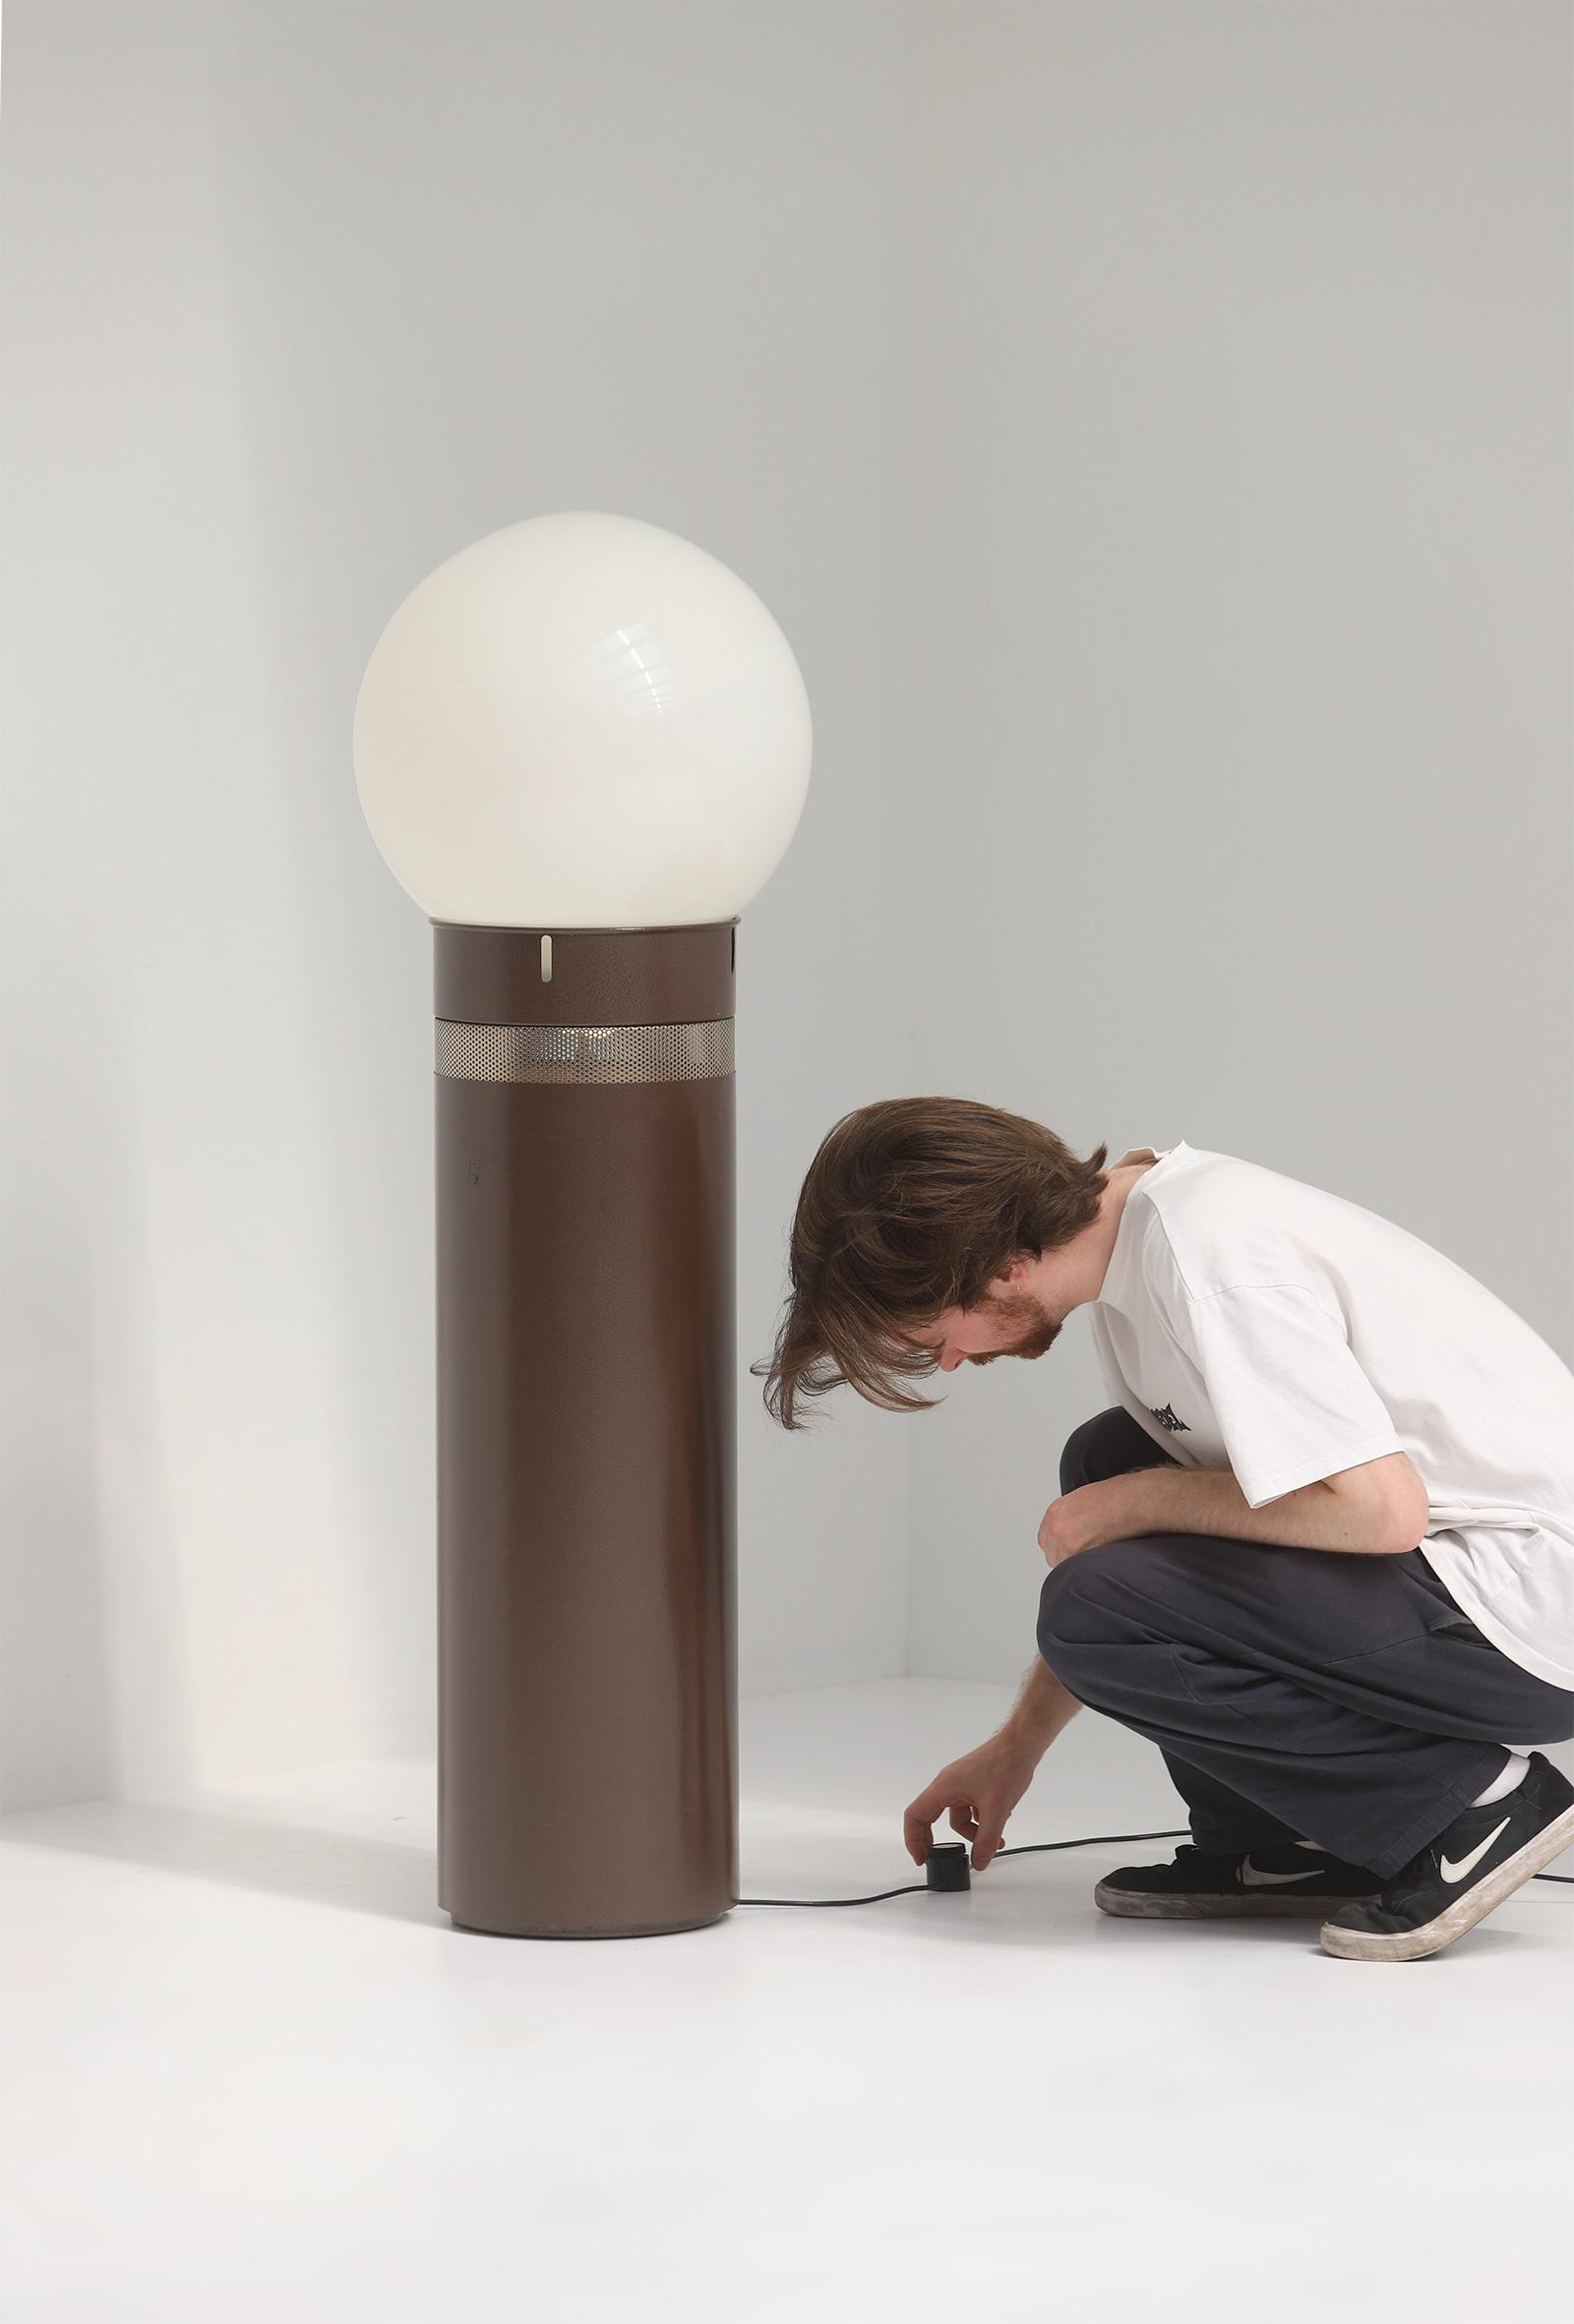 Gae Aulenti Oracle floor lamp for Artemideimage 4